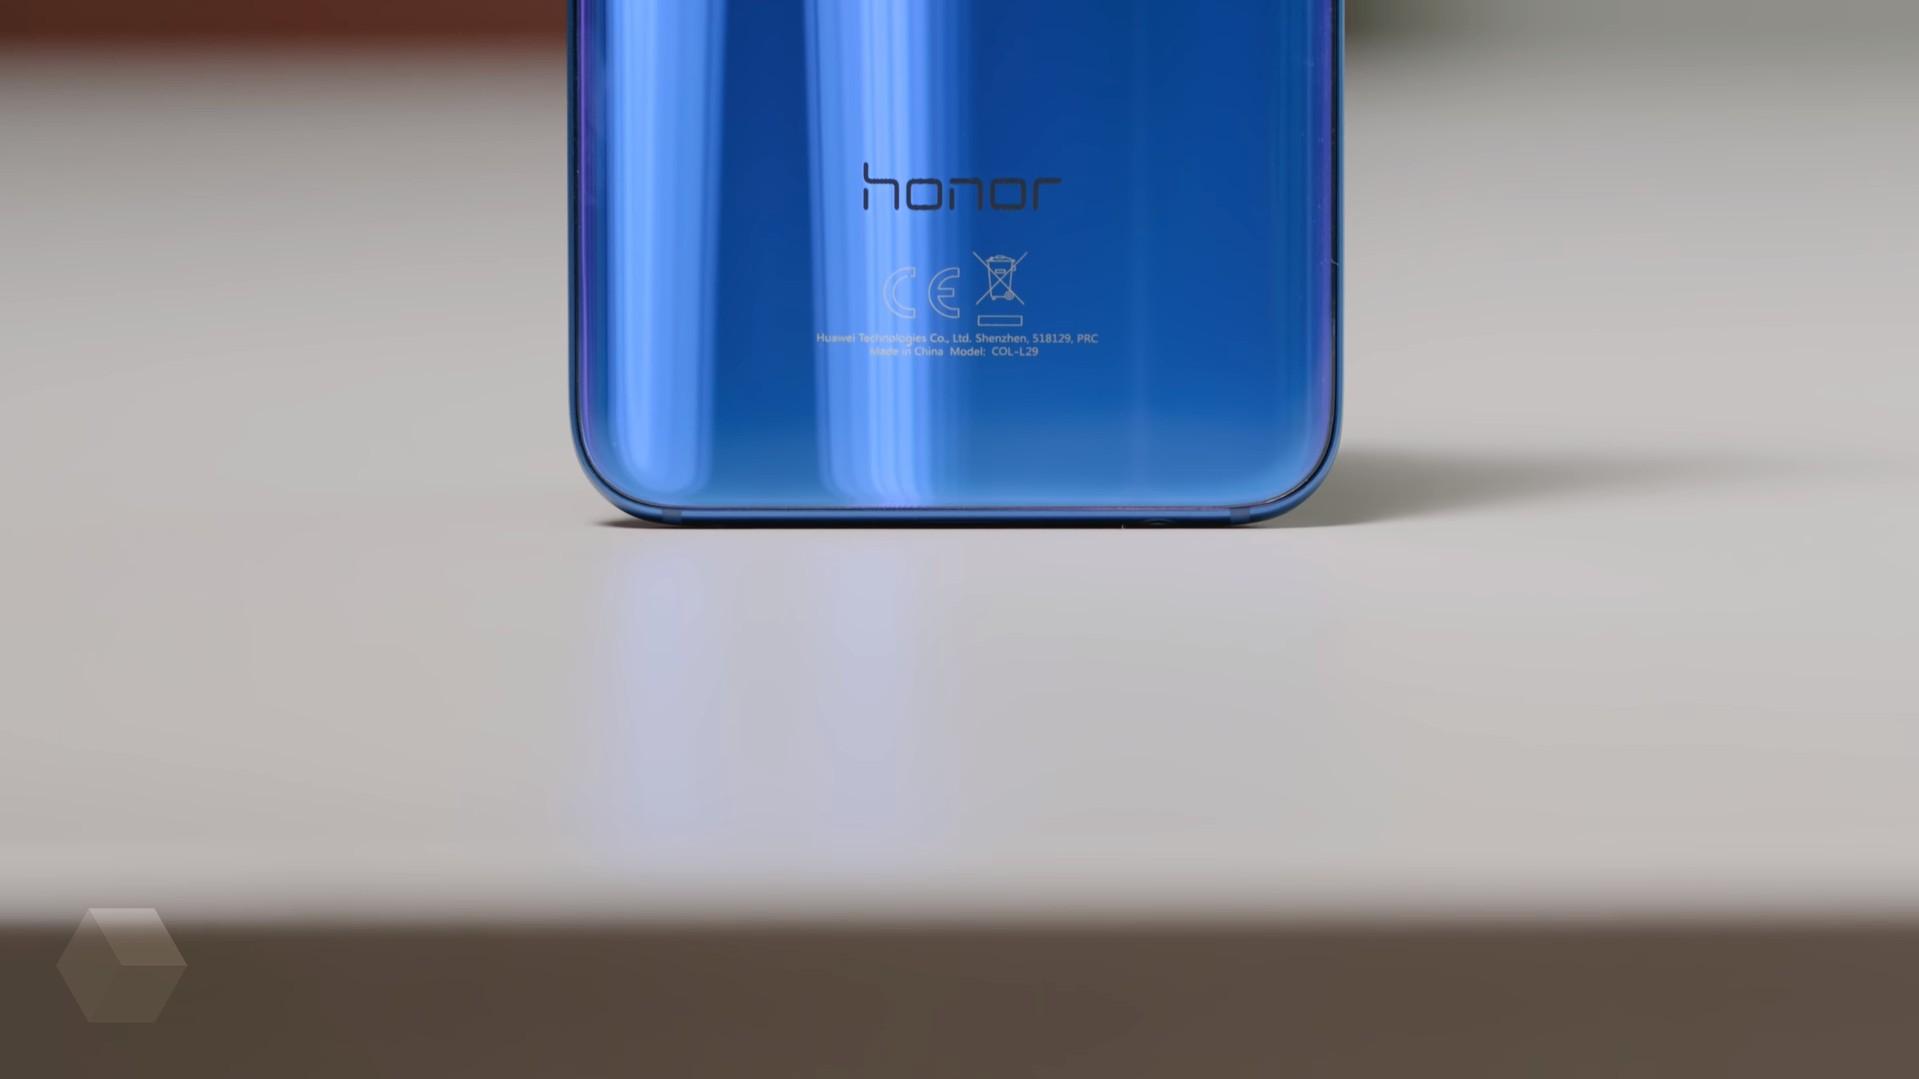 Флагман Huawei Honor 10 приобрели три млн раз